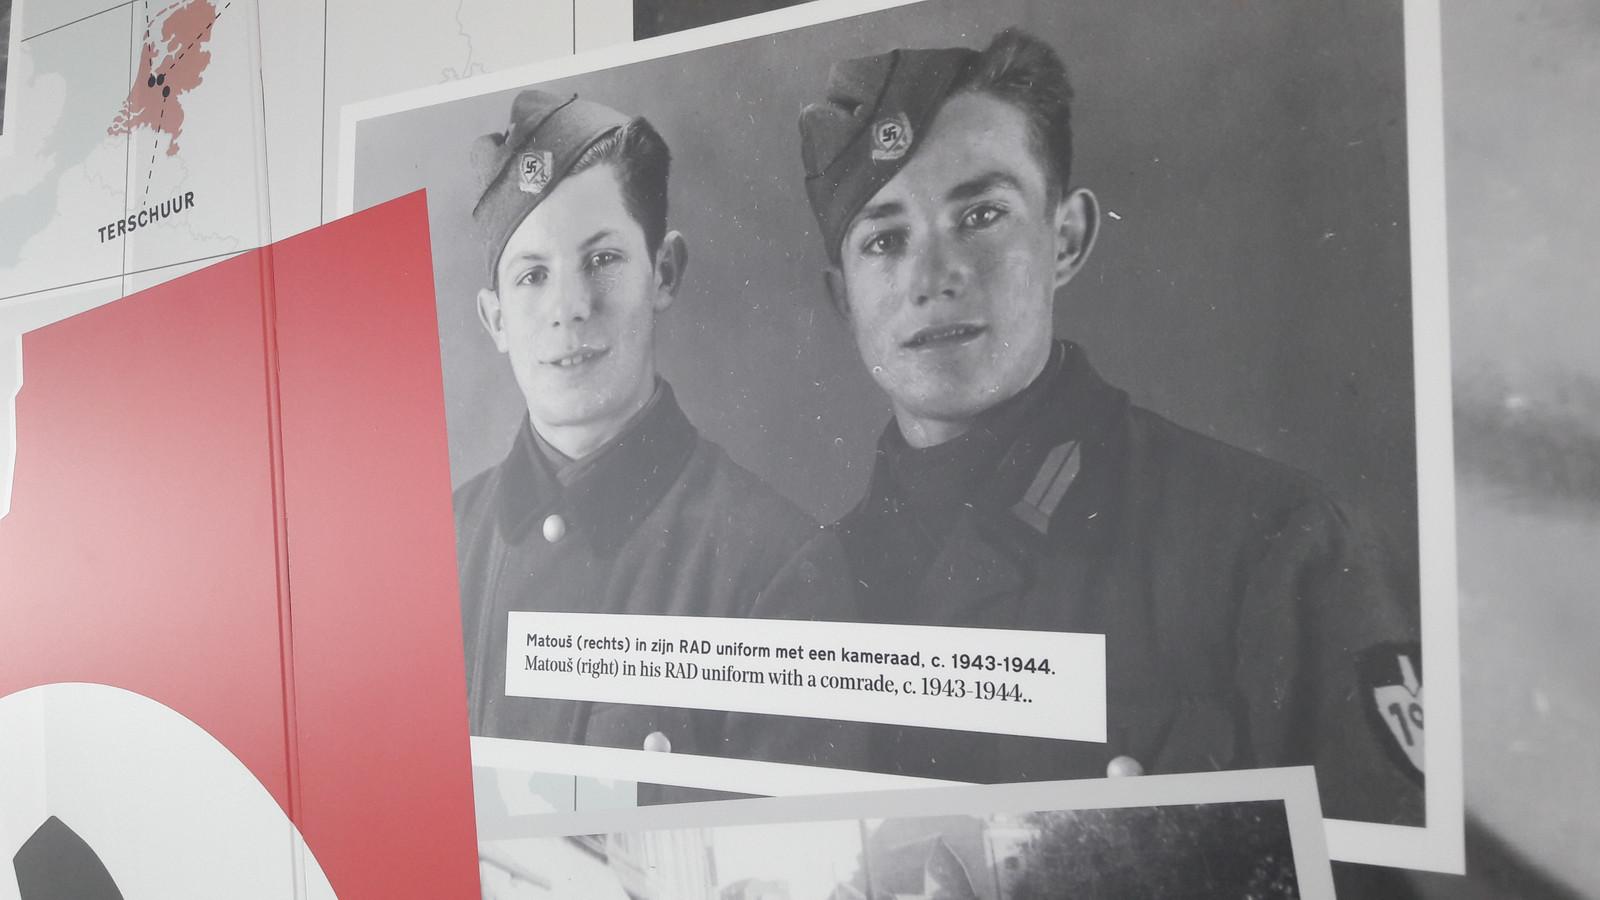 Lorenzini (rechts) met een kameraad bij de Reichsarbeitsdienst. Via die Reichssarbeitsdienst kwam hij terecht in het Falmschirm-Panzer-Ersatz-und Ausbildungsregiment Herman Göring.